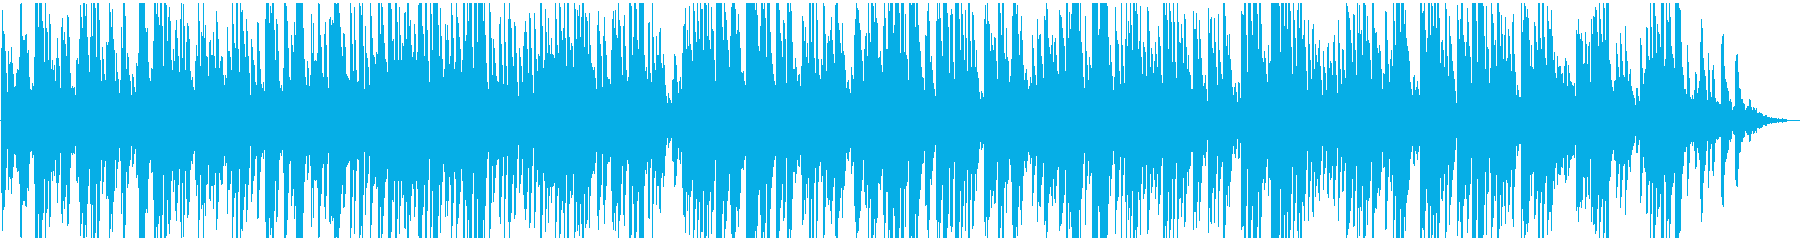 チルアウトな 優しいジャズ風ピアノソロの再生済みの波形